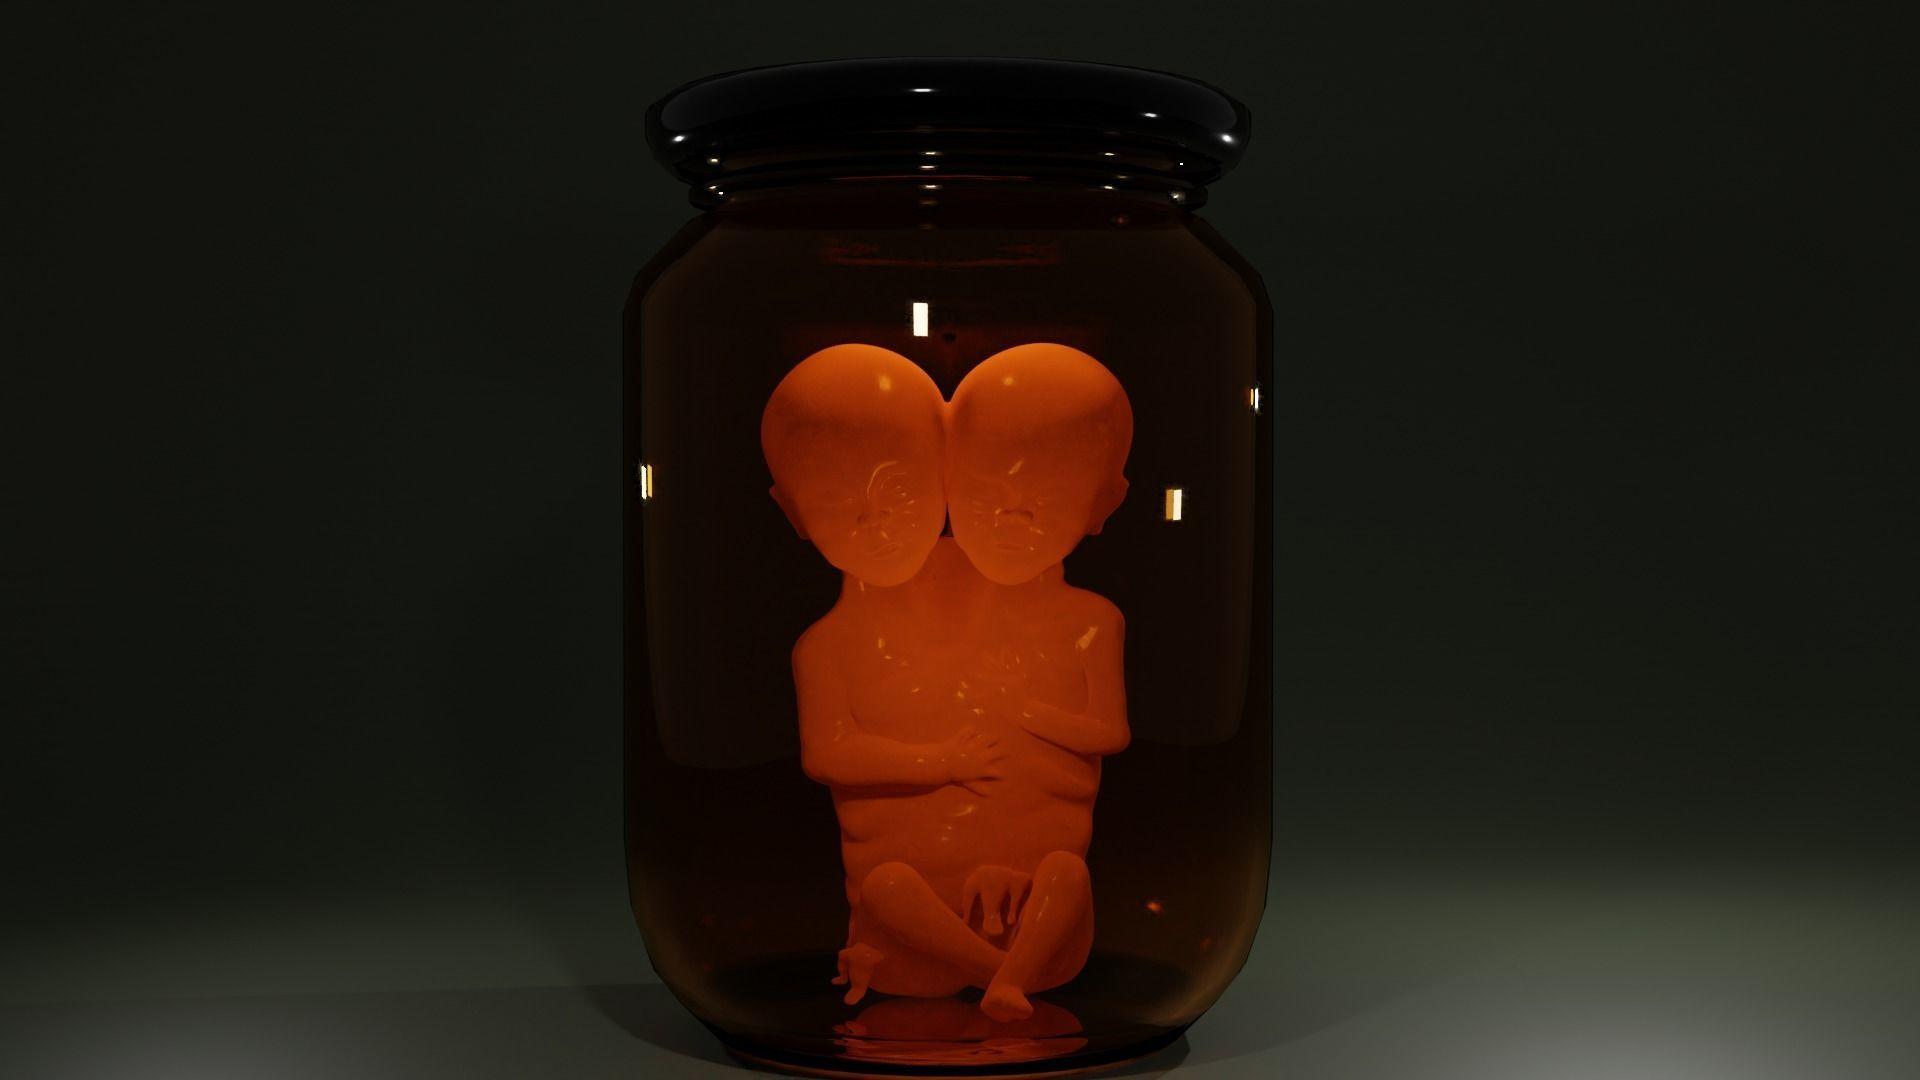 Siamese Twin Fetus